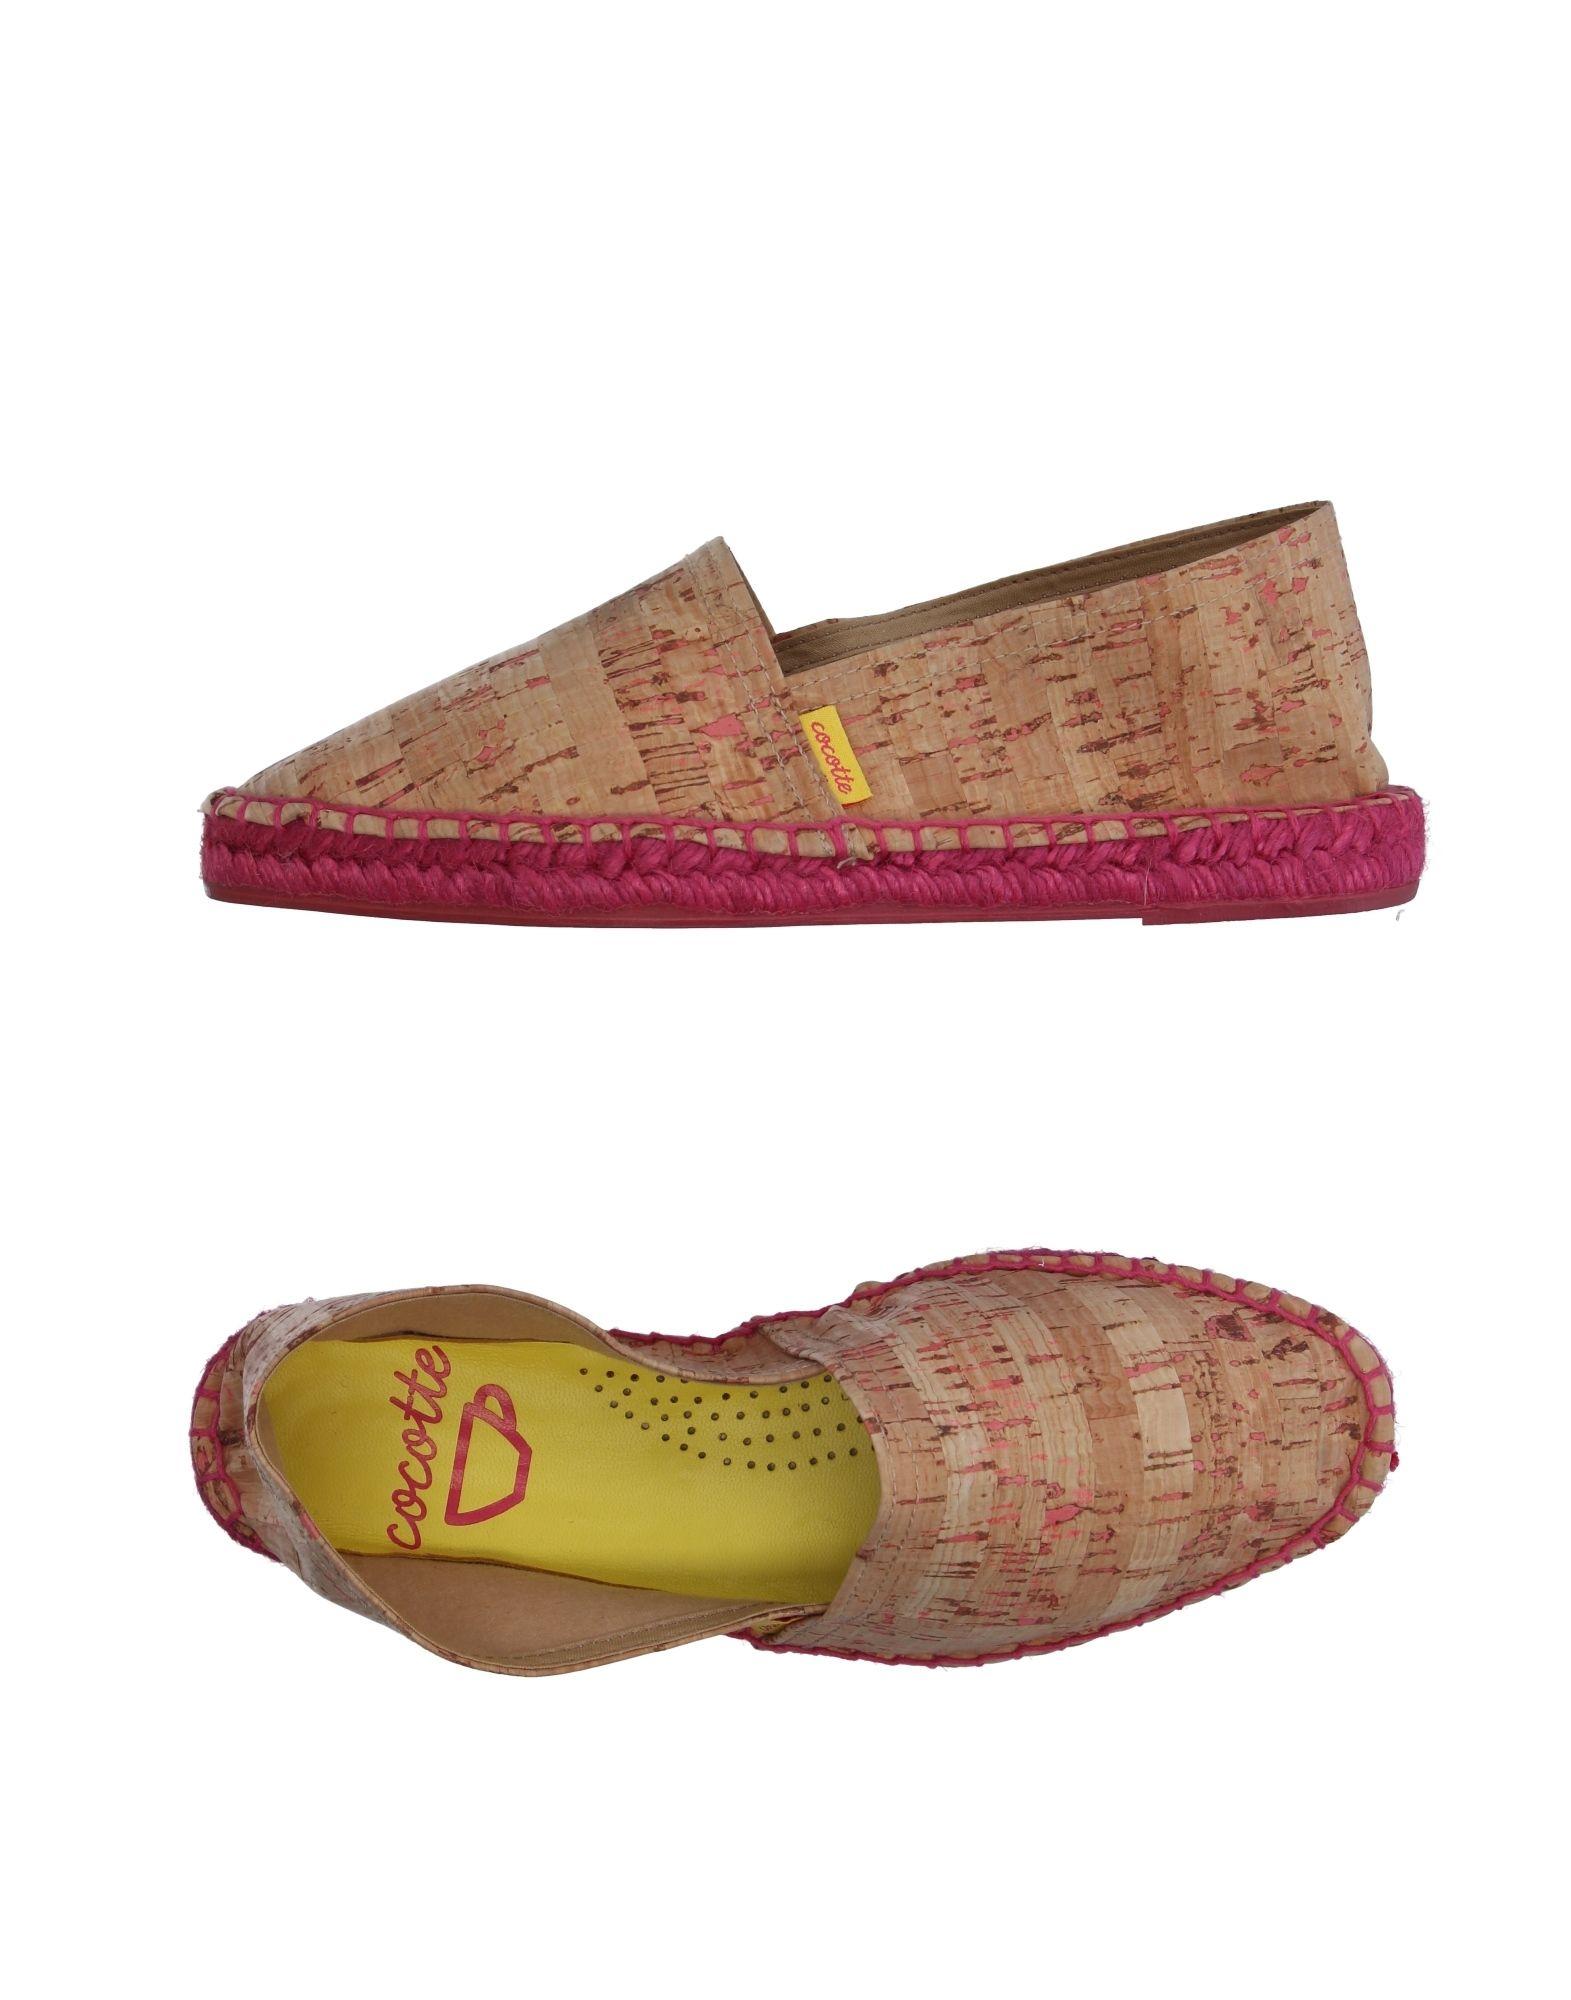 Nuevos zapatos para hombres y tiempo mujeres, descuento por tiempo y limitado Espadrilla Cocotte Mujer - Espadrillas Cocotte  Fucsia a84d1d